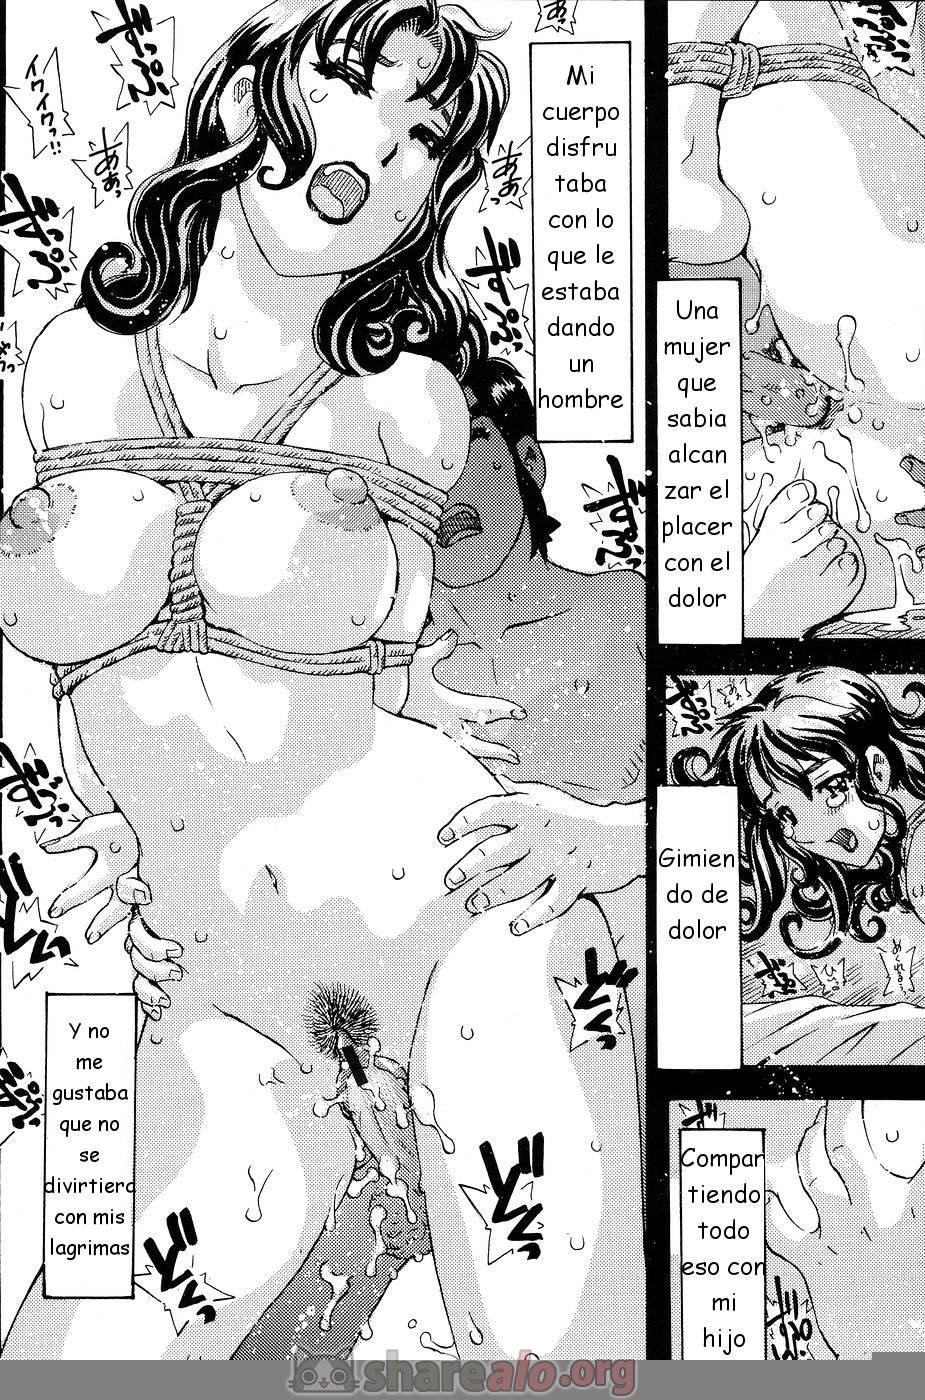 [ Inshoku no Kizuna Manga Hentai ]: Comics Porno Manga Hentai [ 7OsVnzqf ]